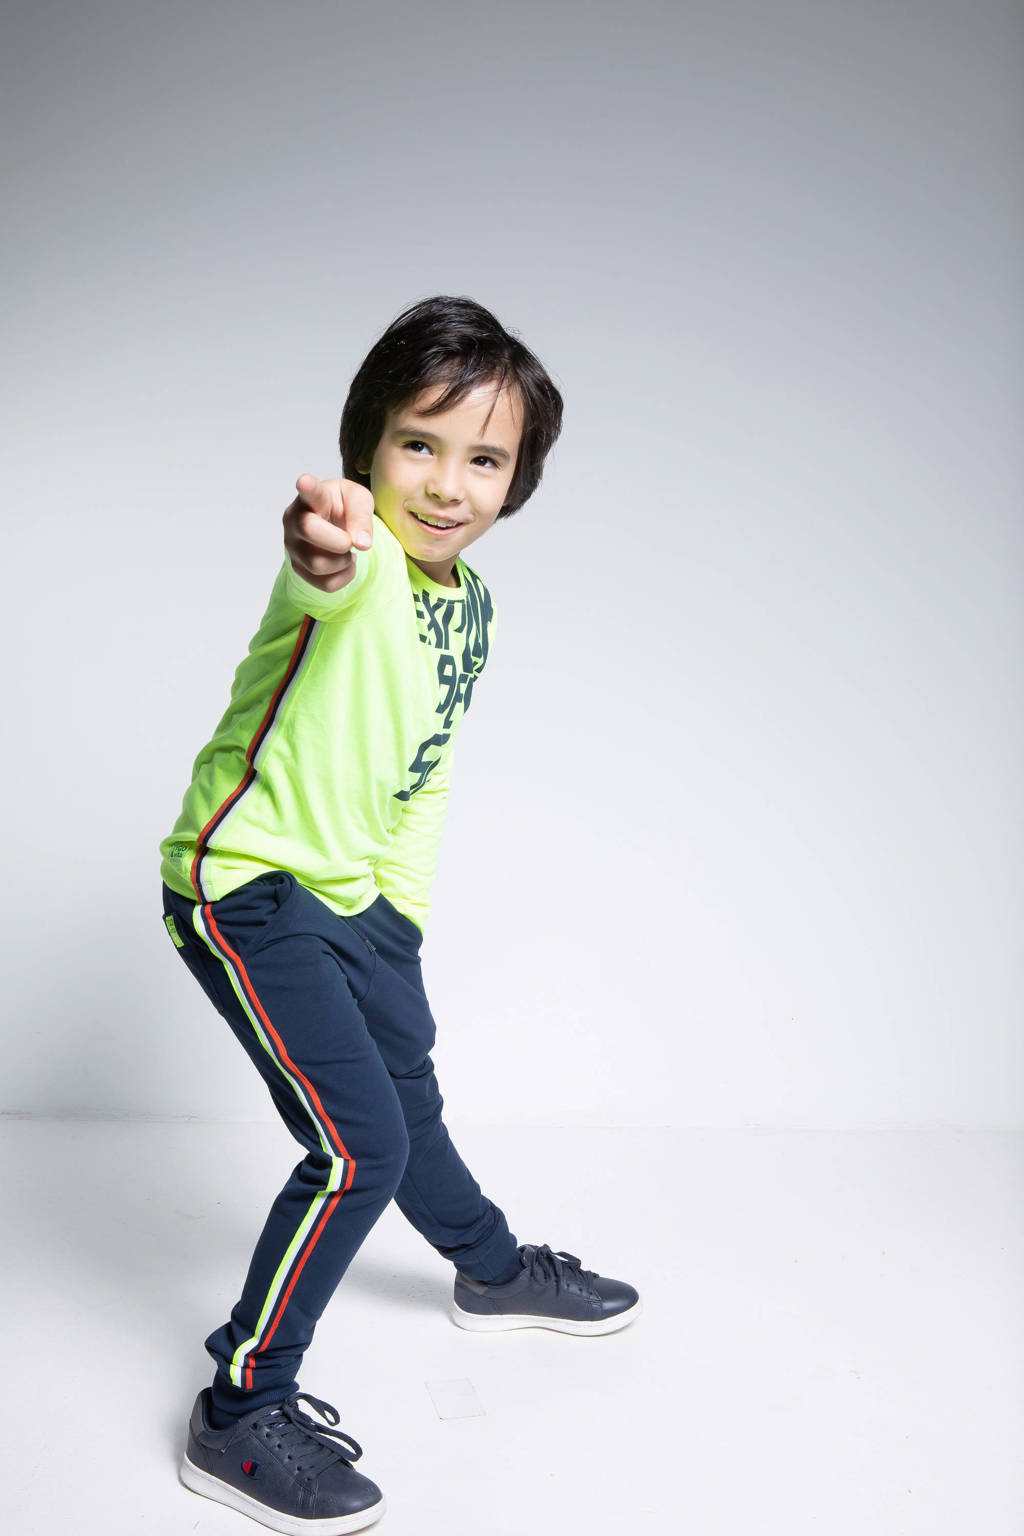 TYGO & vito slim fit joggingbroek met zijstreep donkerblauw/wit/oranje, Donkerblauw/wit/oranje